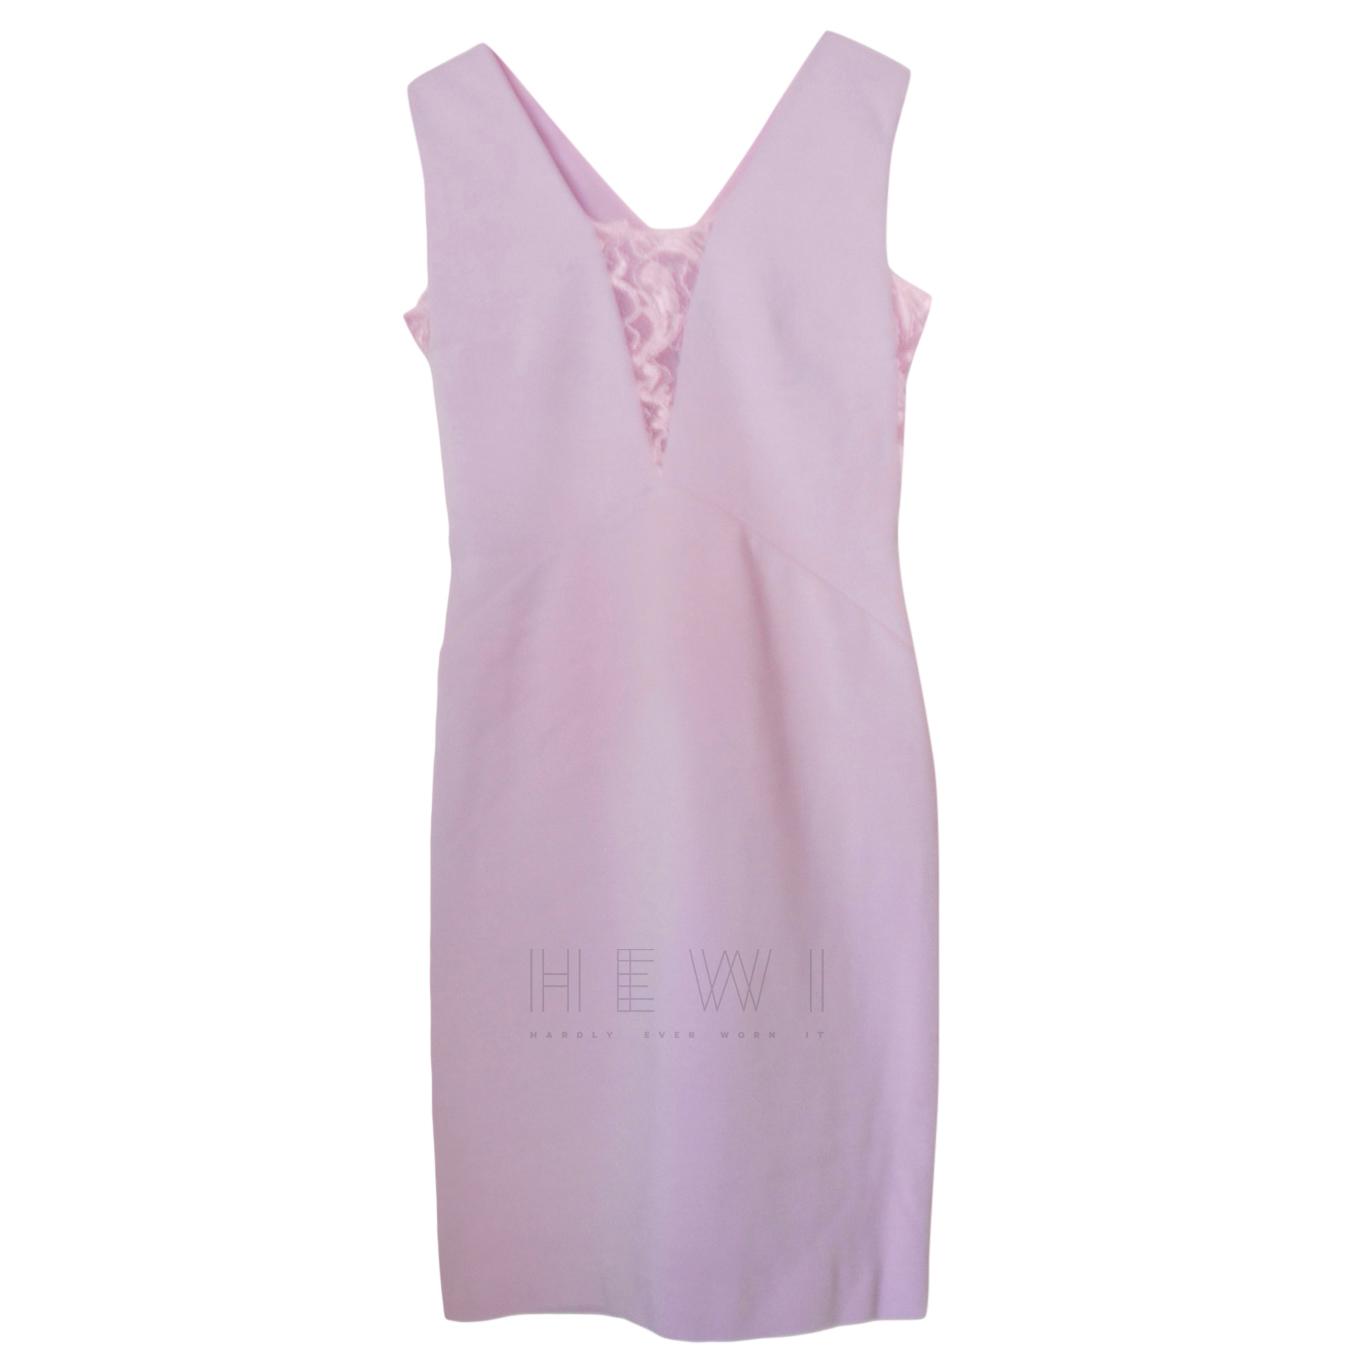 Emilio Pucci lilac stretch viscose/lace inserts dress